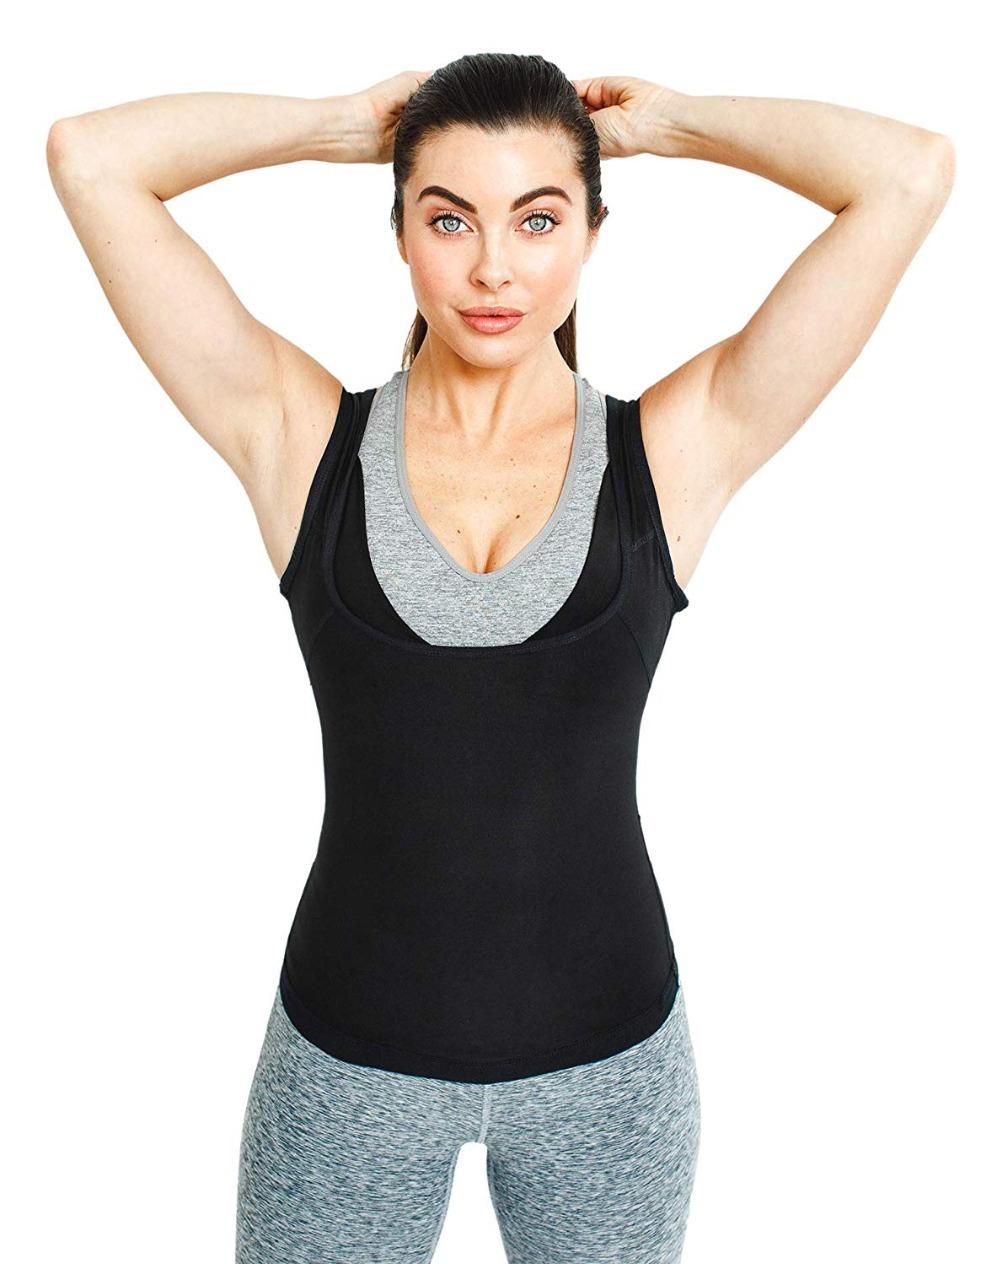 CXZD Sweat Shaper Vest for Men Women Slimming Belt Belly Slimming Vest Body Shaper Fat Burning Shaperwear Waist Traine Waist Sweat Corset (4)